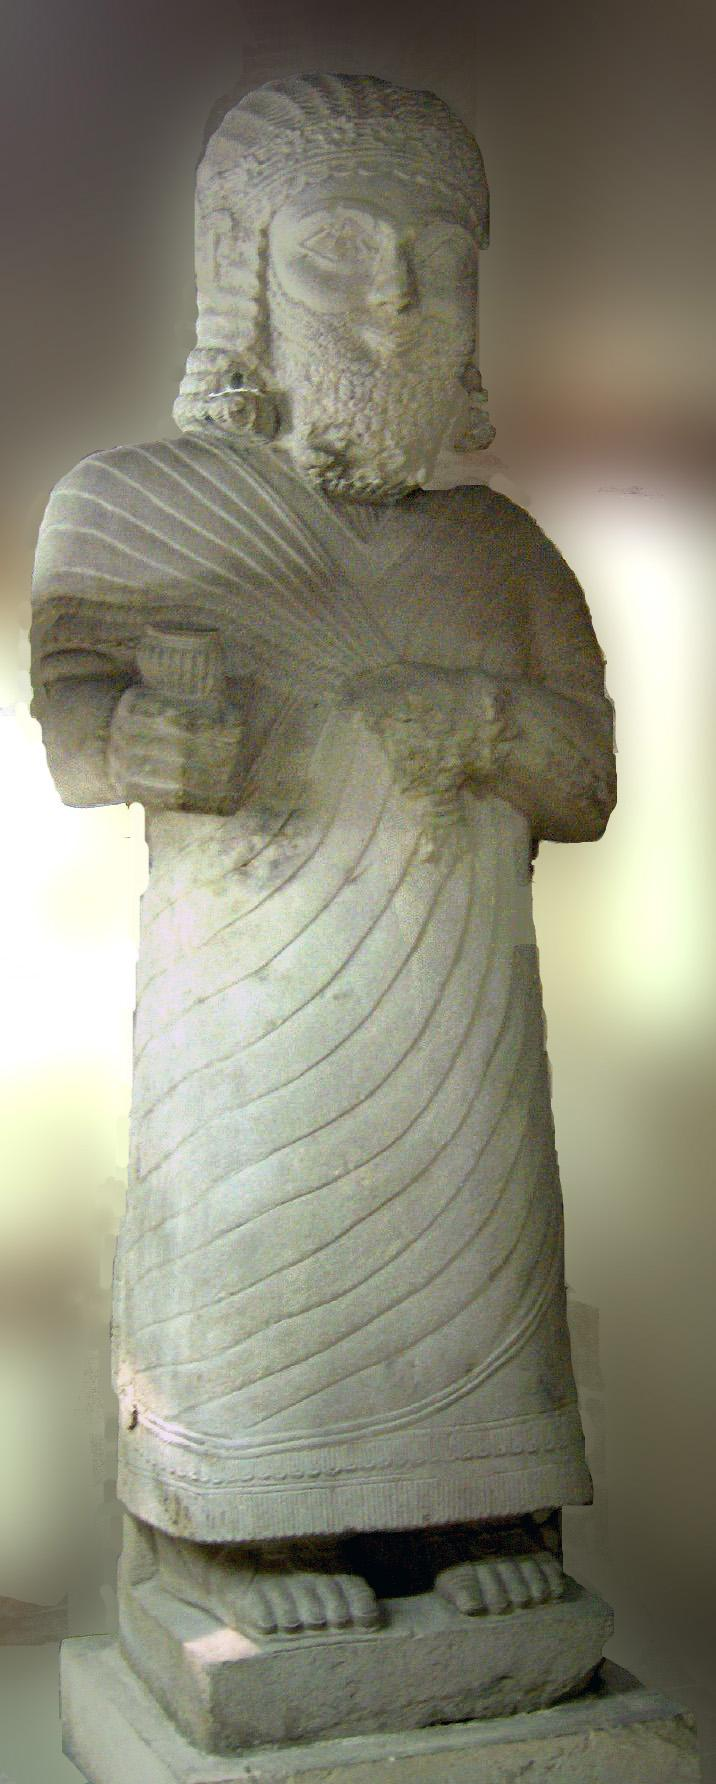 Arslantepe museum of anatolian civilizations